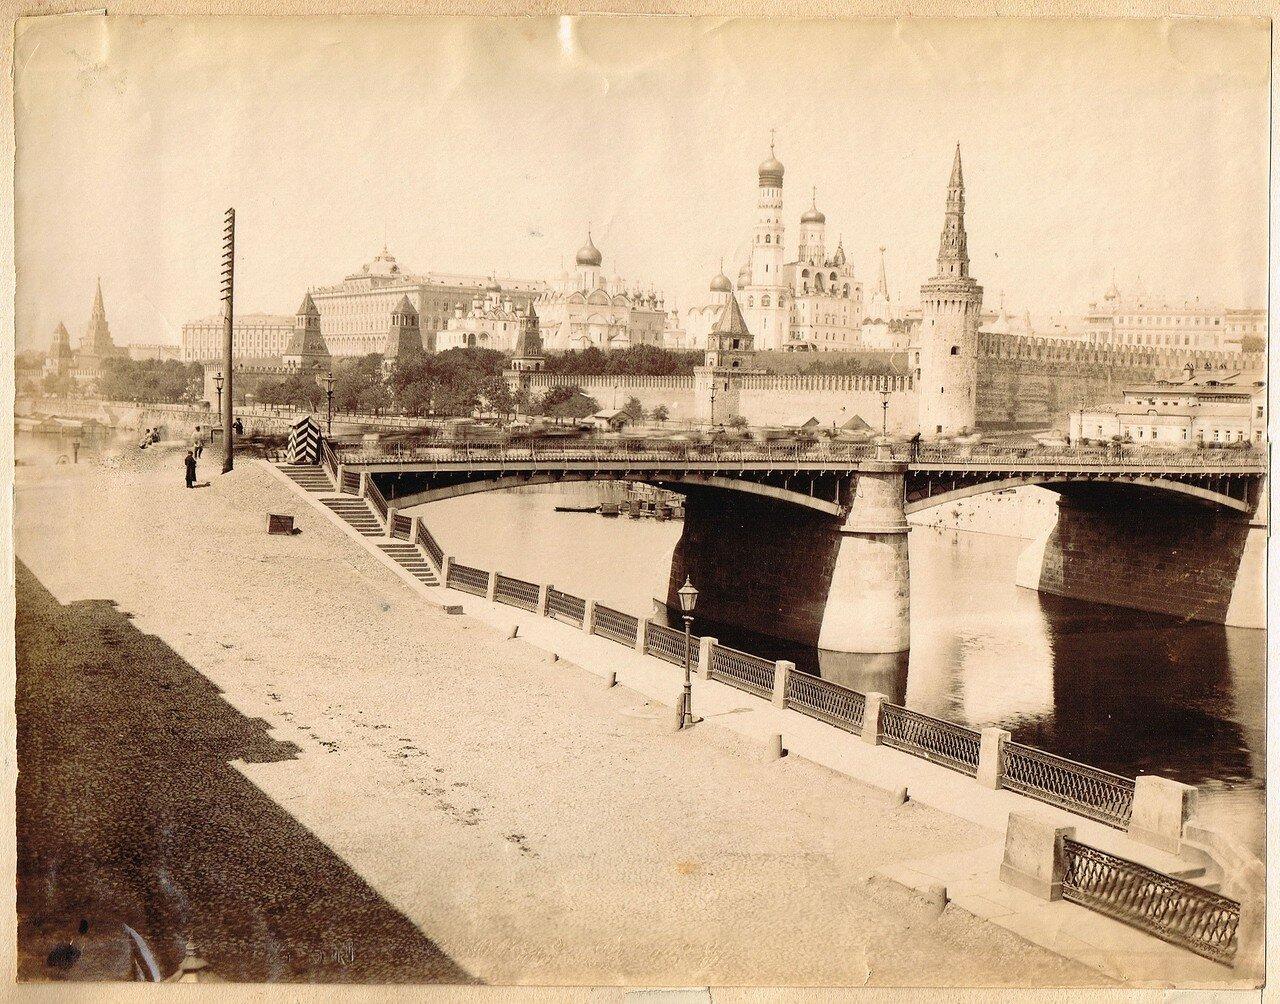 740. Вид Кремля (прибл. 1870-1880)